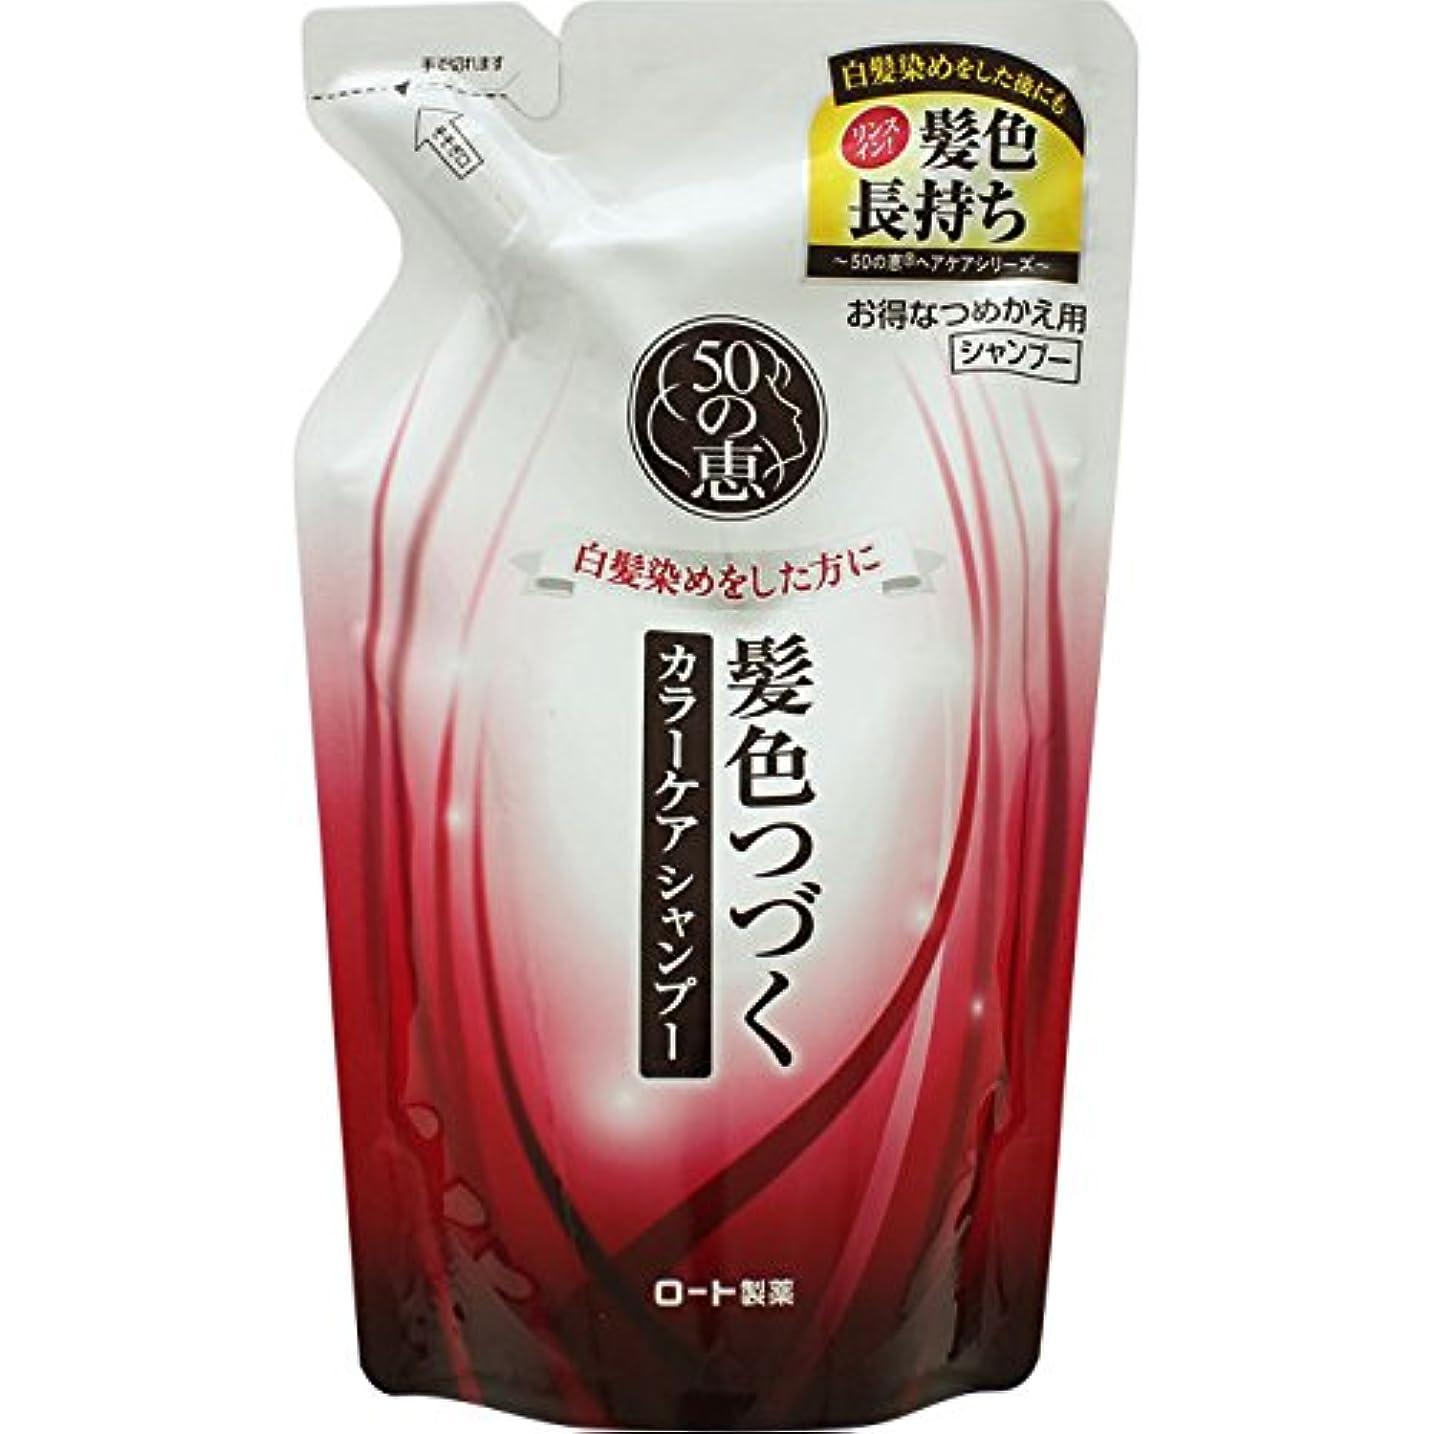 相対的恥ずかしい上回るロート製薬 50の恵エイジングケア カラーケアシャンプー 詰替用 330mL